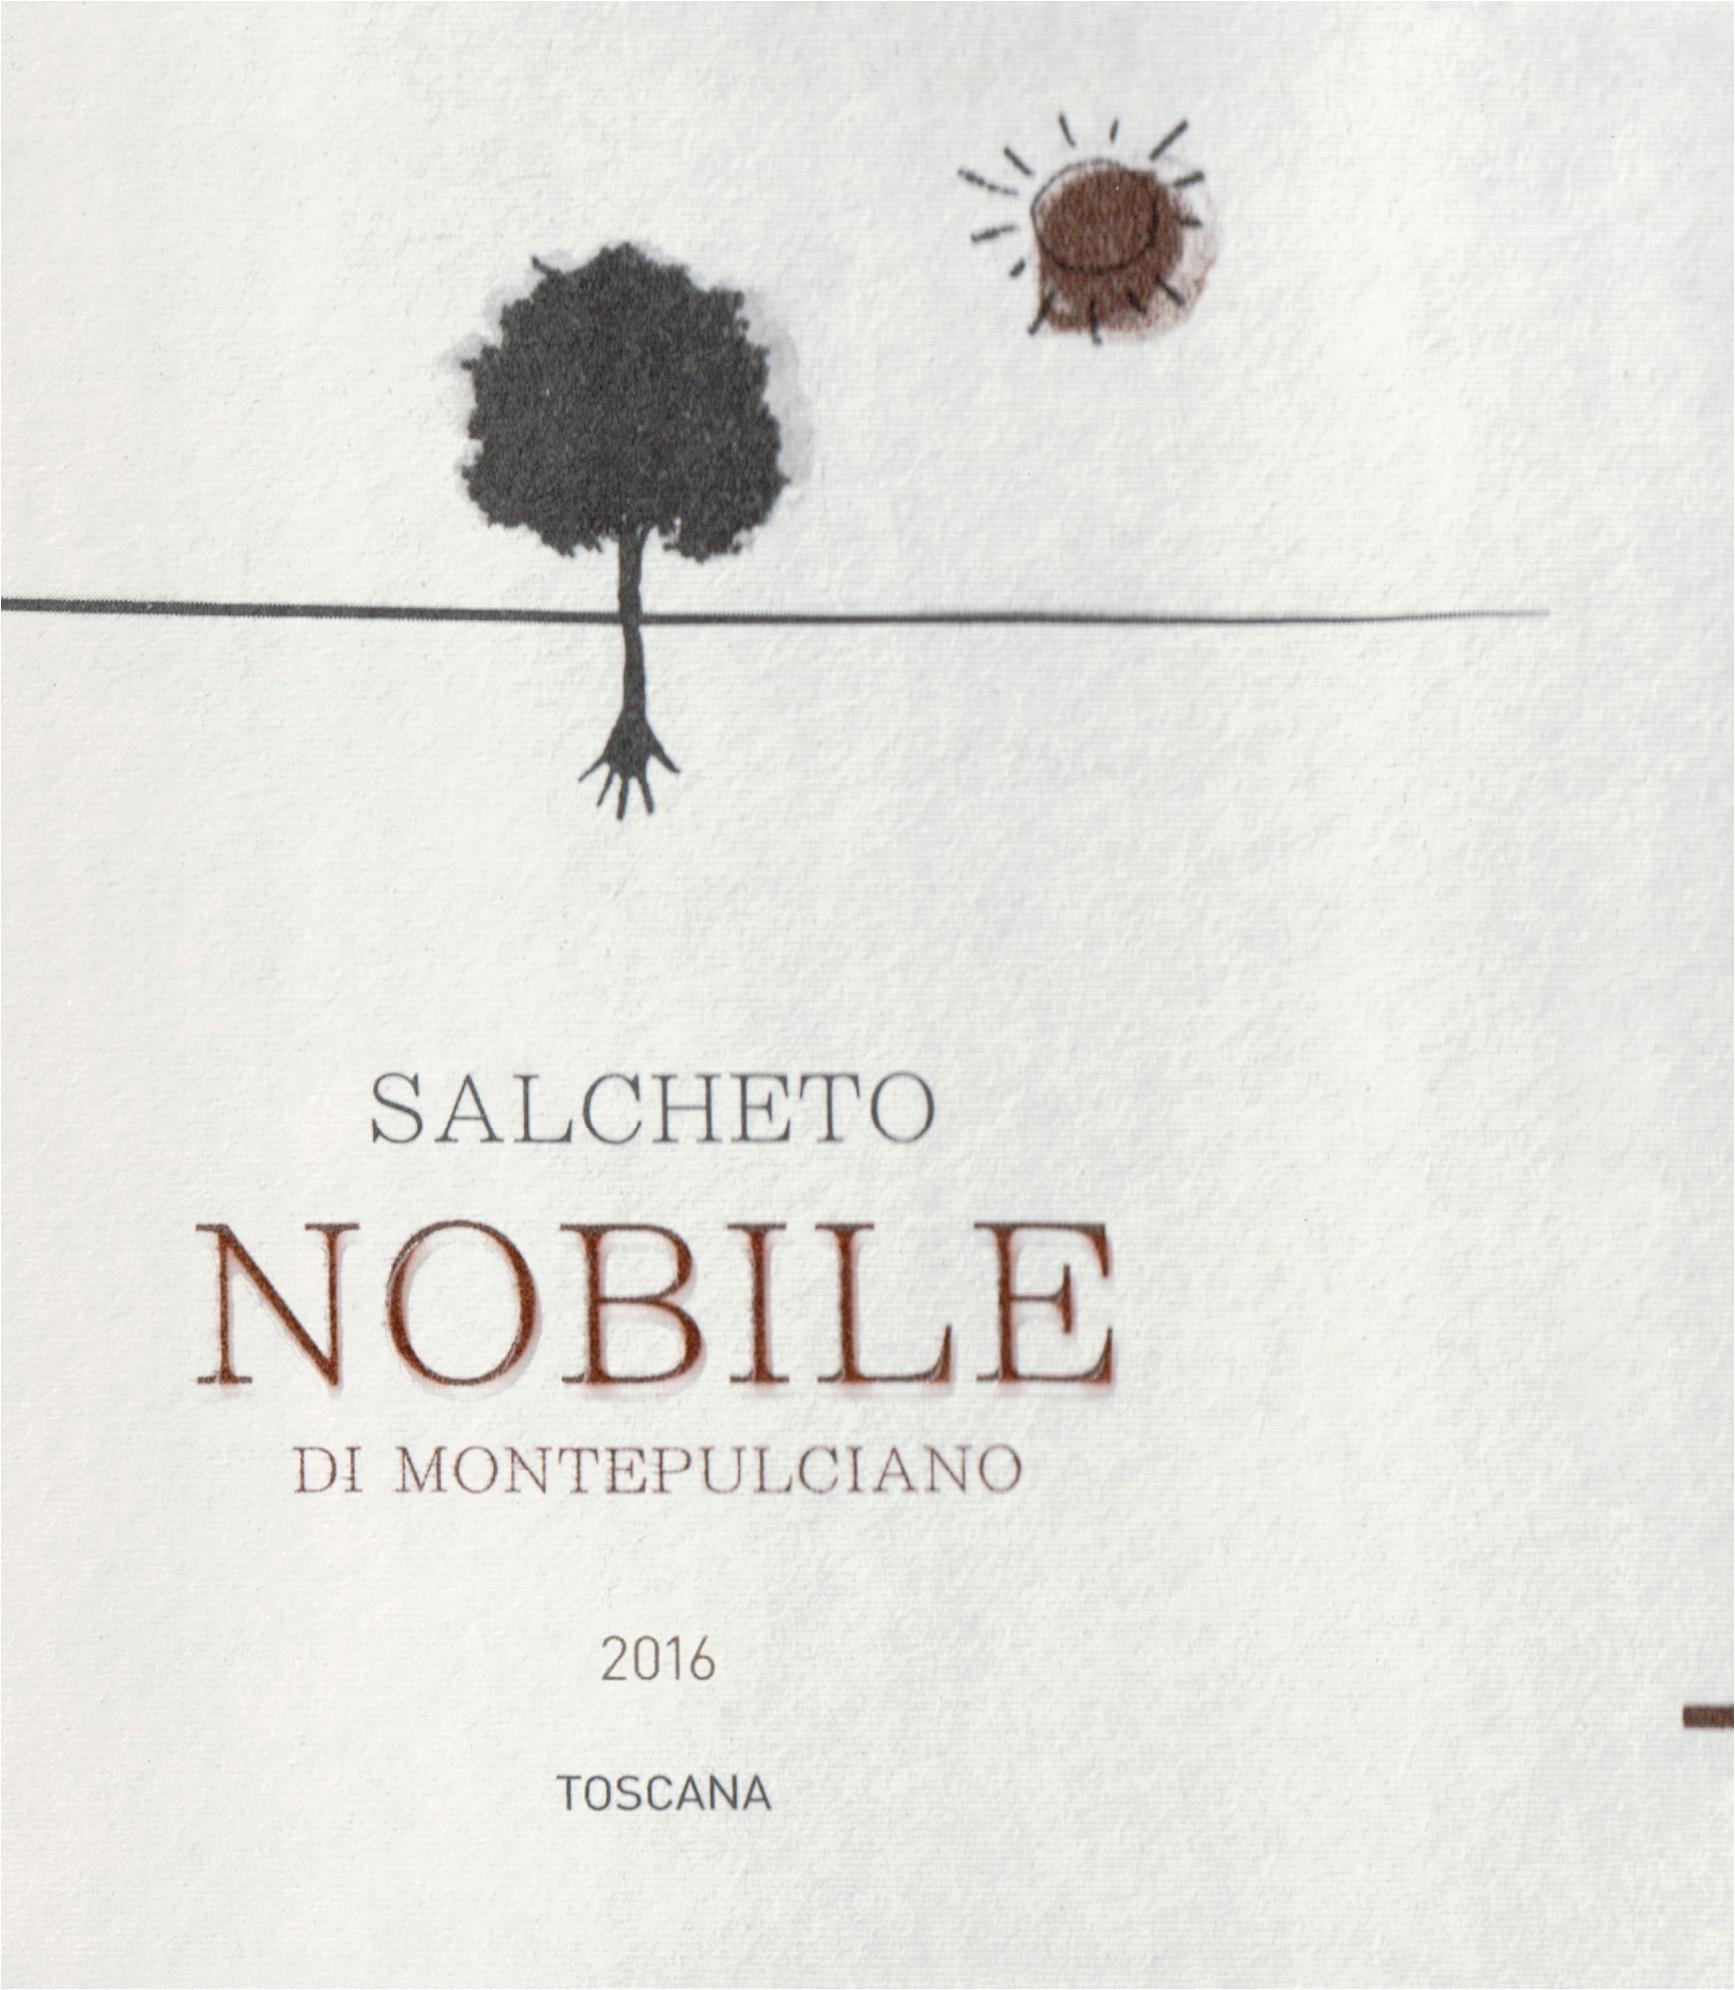 Salcheto Vino Nobile Di Montepulciano 2016